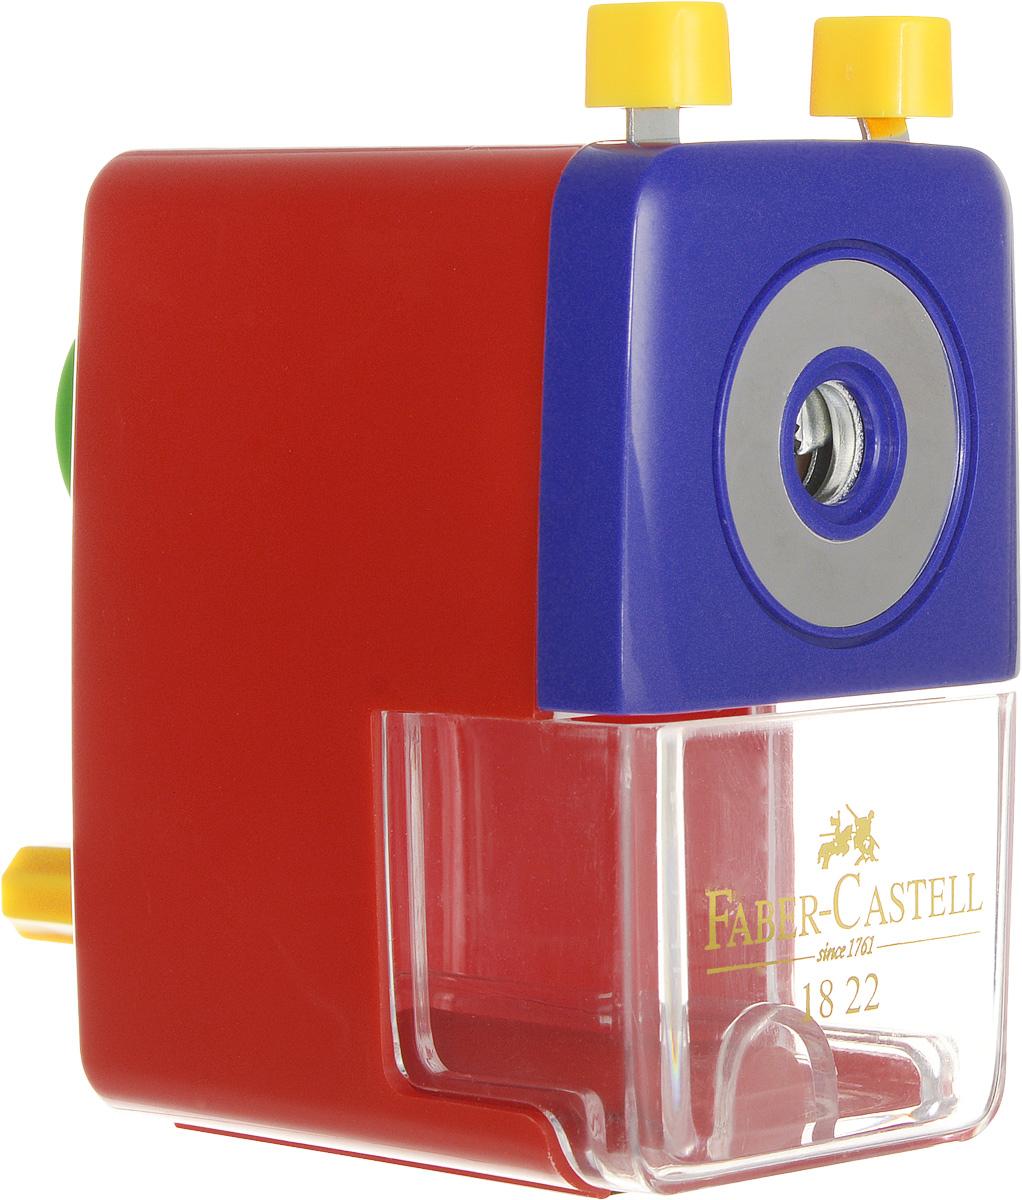 Faber-Castell Точилка настольная цвет красный582200_красныйНастольная точилка Faber-Castell предназначена для круглых, шестигранных, трехгранных и цветных карандашей. Изделие имеет прочное спиральное лезвие, предназначенное для максимально острой заточки карандашей. Точилка оснащена прозрачным контейнером для стружек и специальным зажимом для крепления к столу. Подходит для карандашей диаметром до 8 мм.